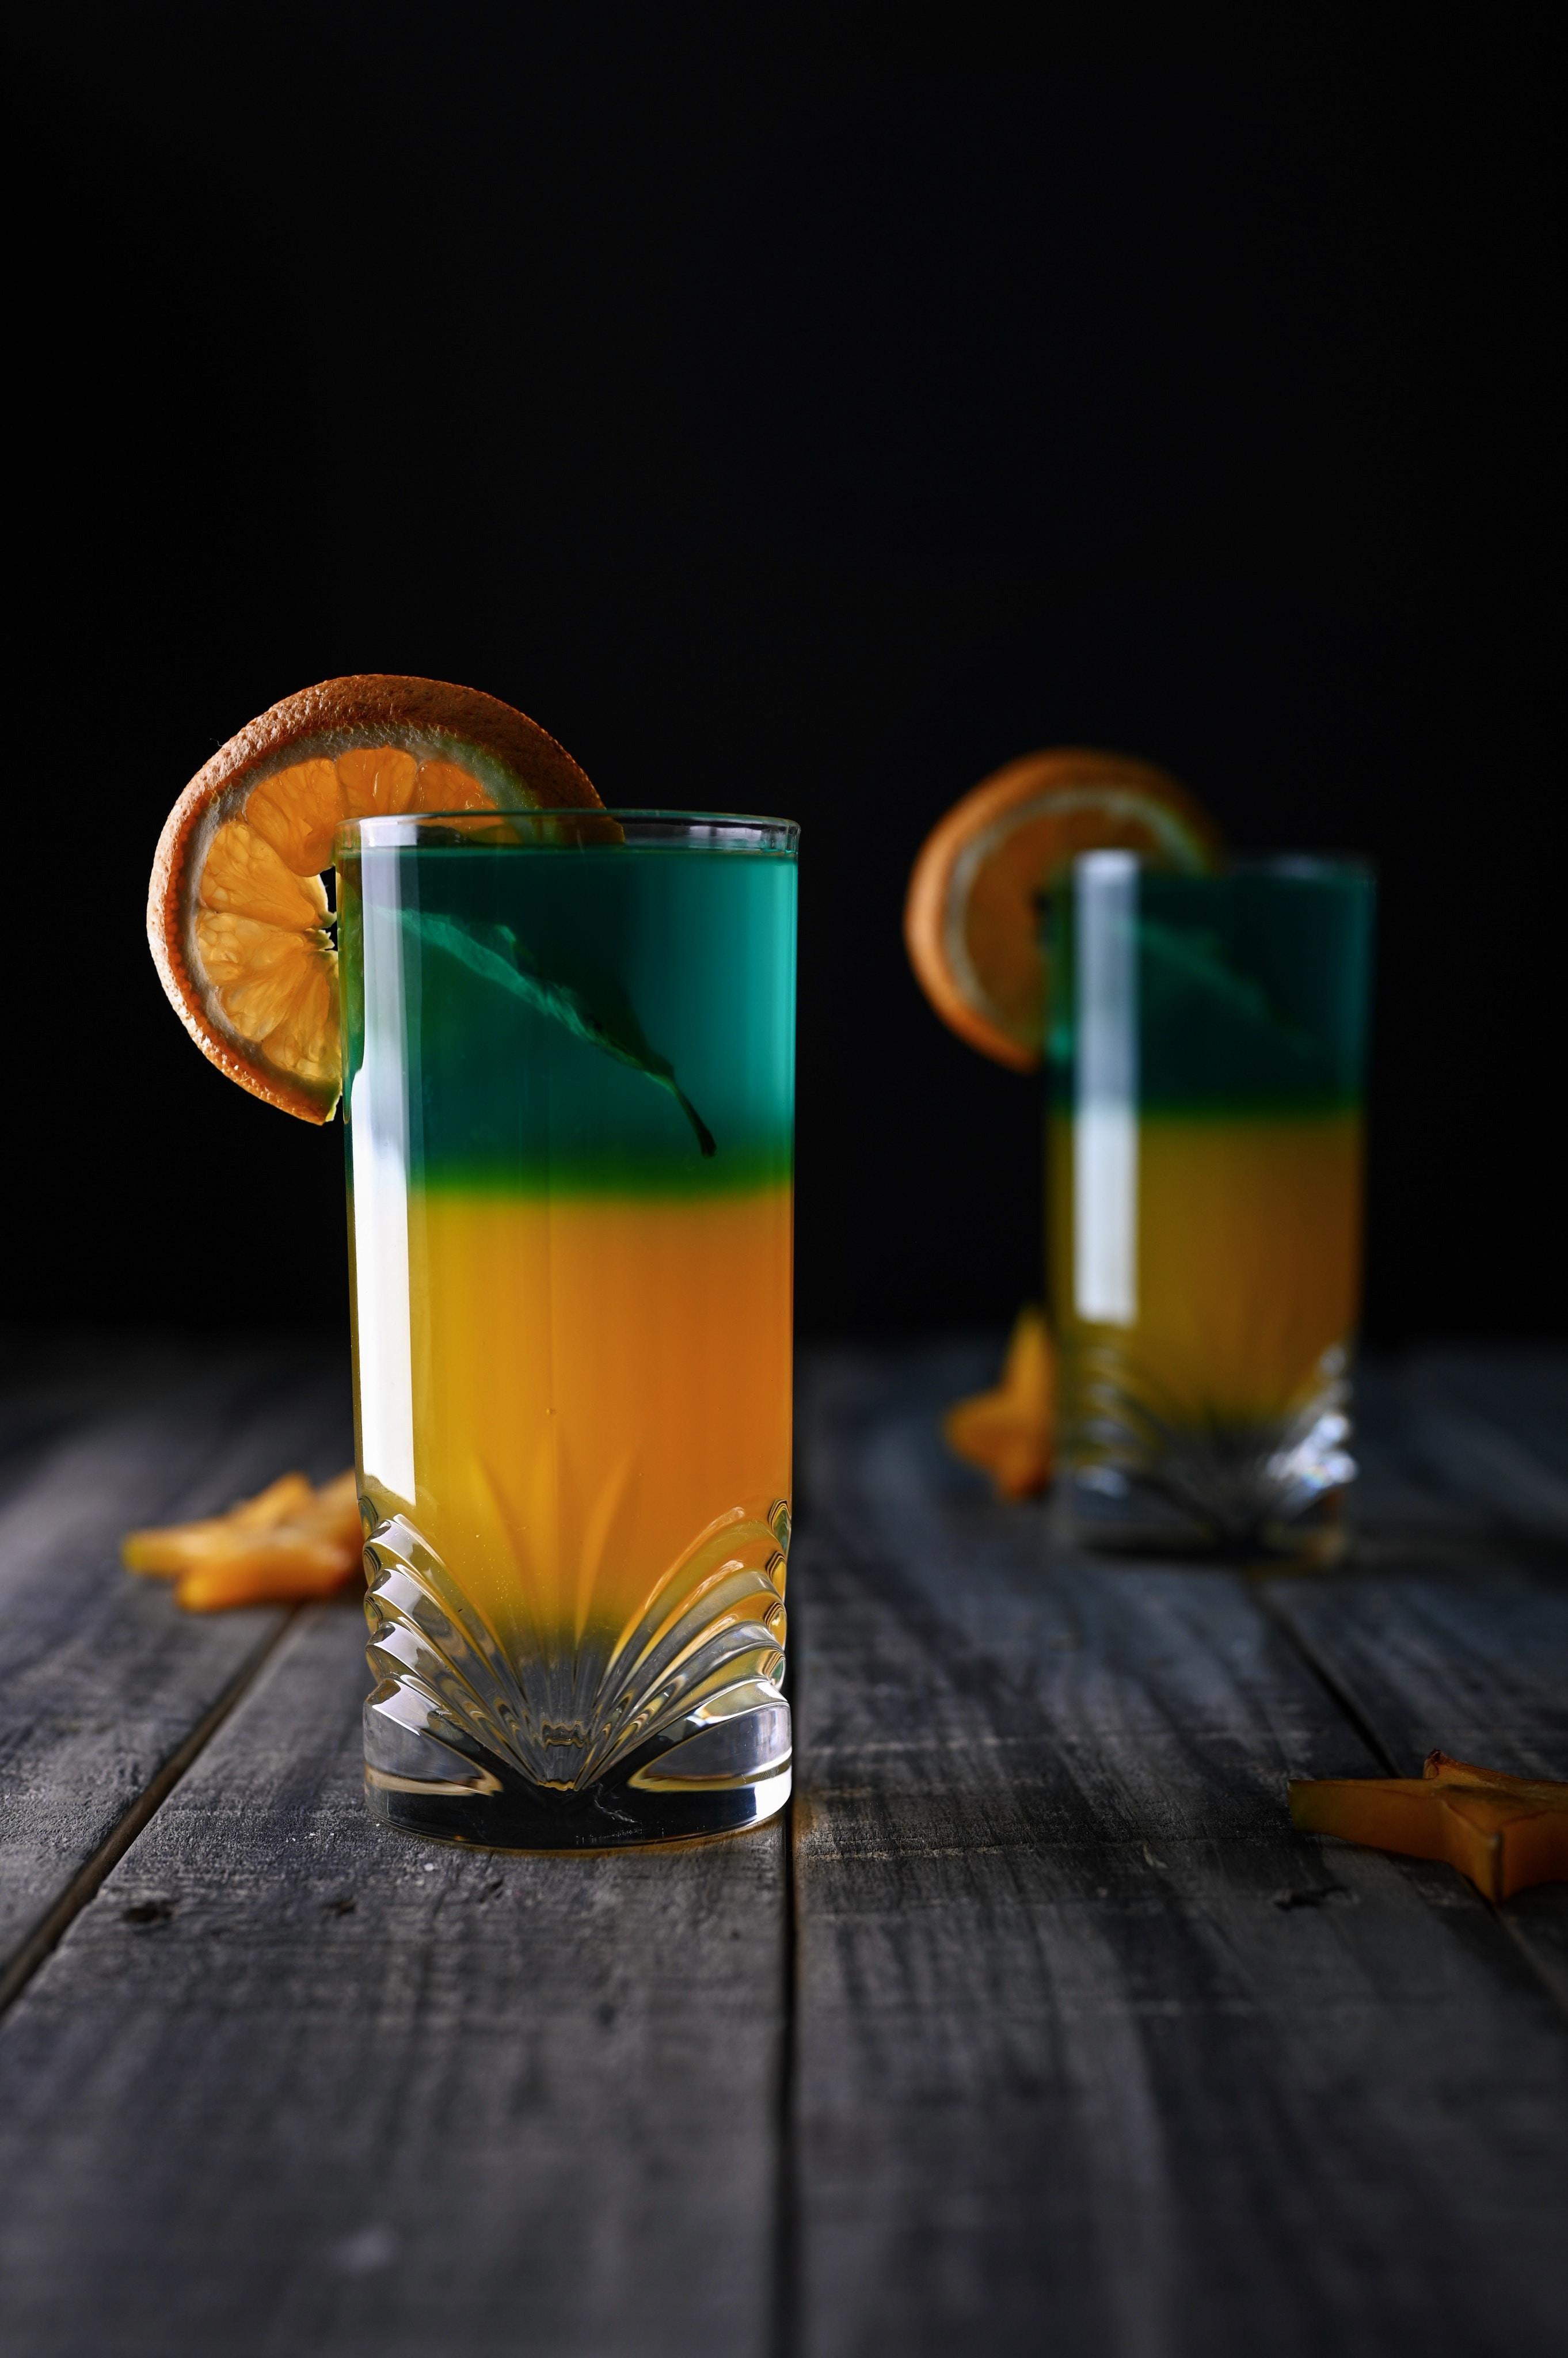 kudzu alcohol